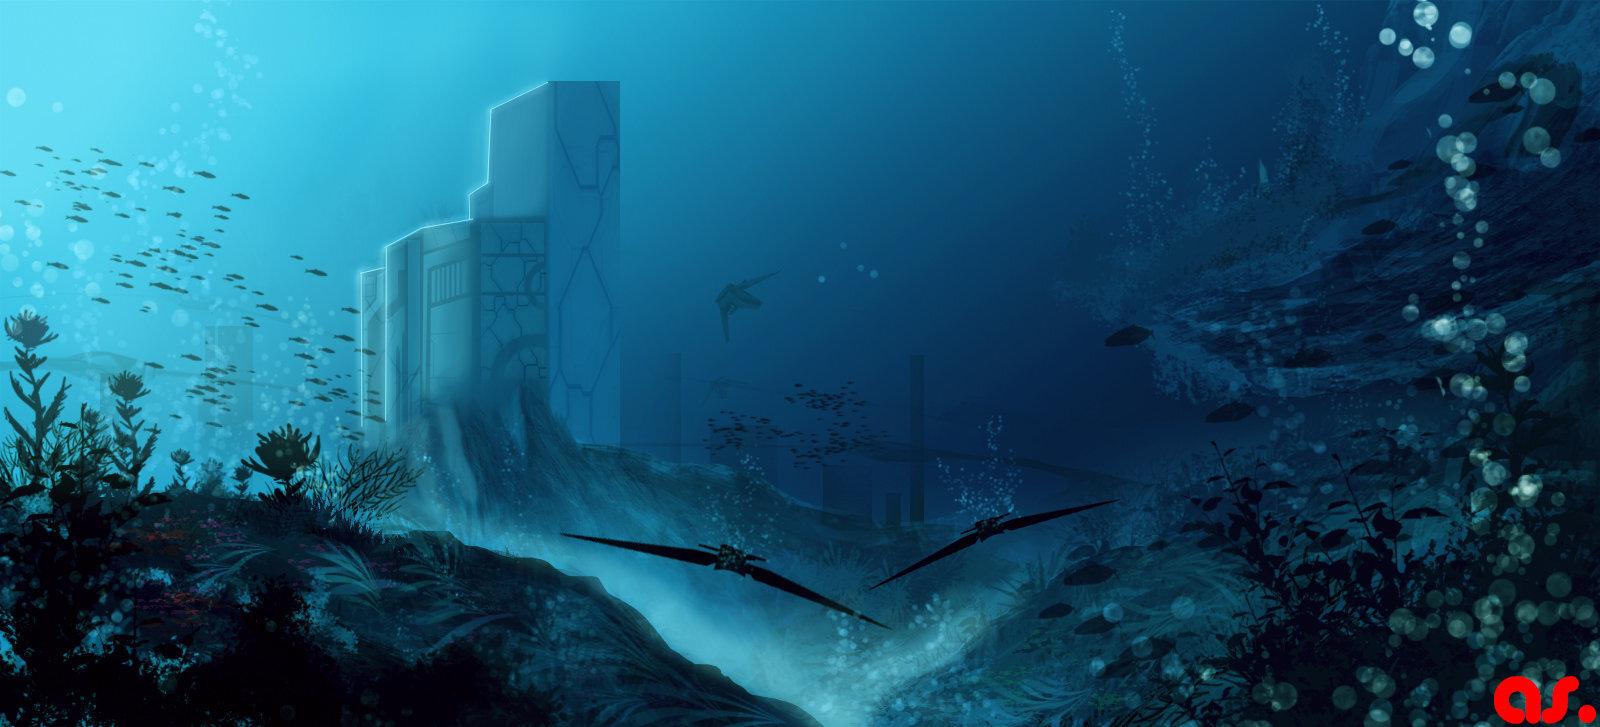 a-ang-sulistiawan-underwater.jpg